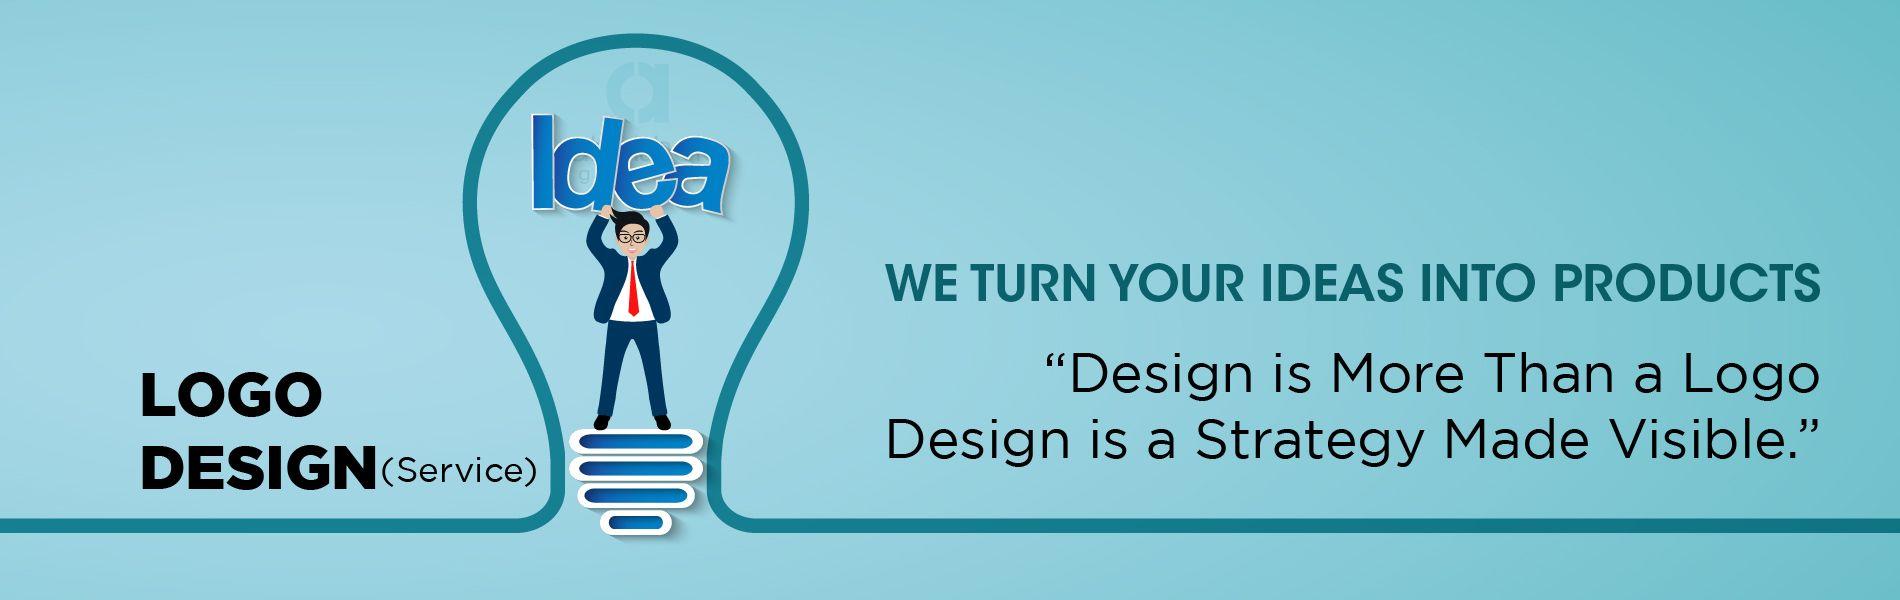 Best Creative Company Logo Design Services Agency in Mumbai Thane Navi Mumbai India-Mint Media